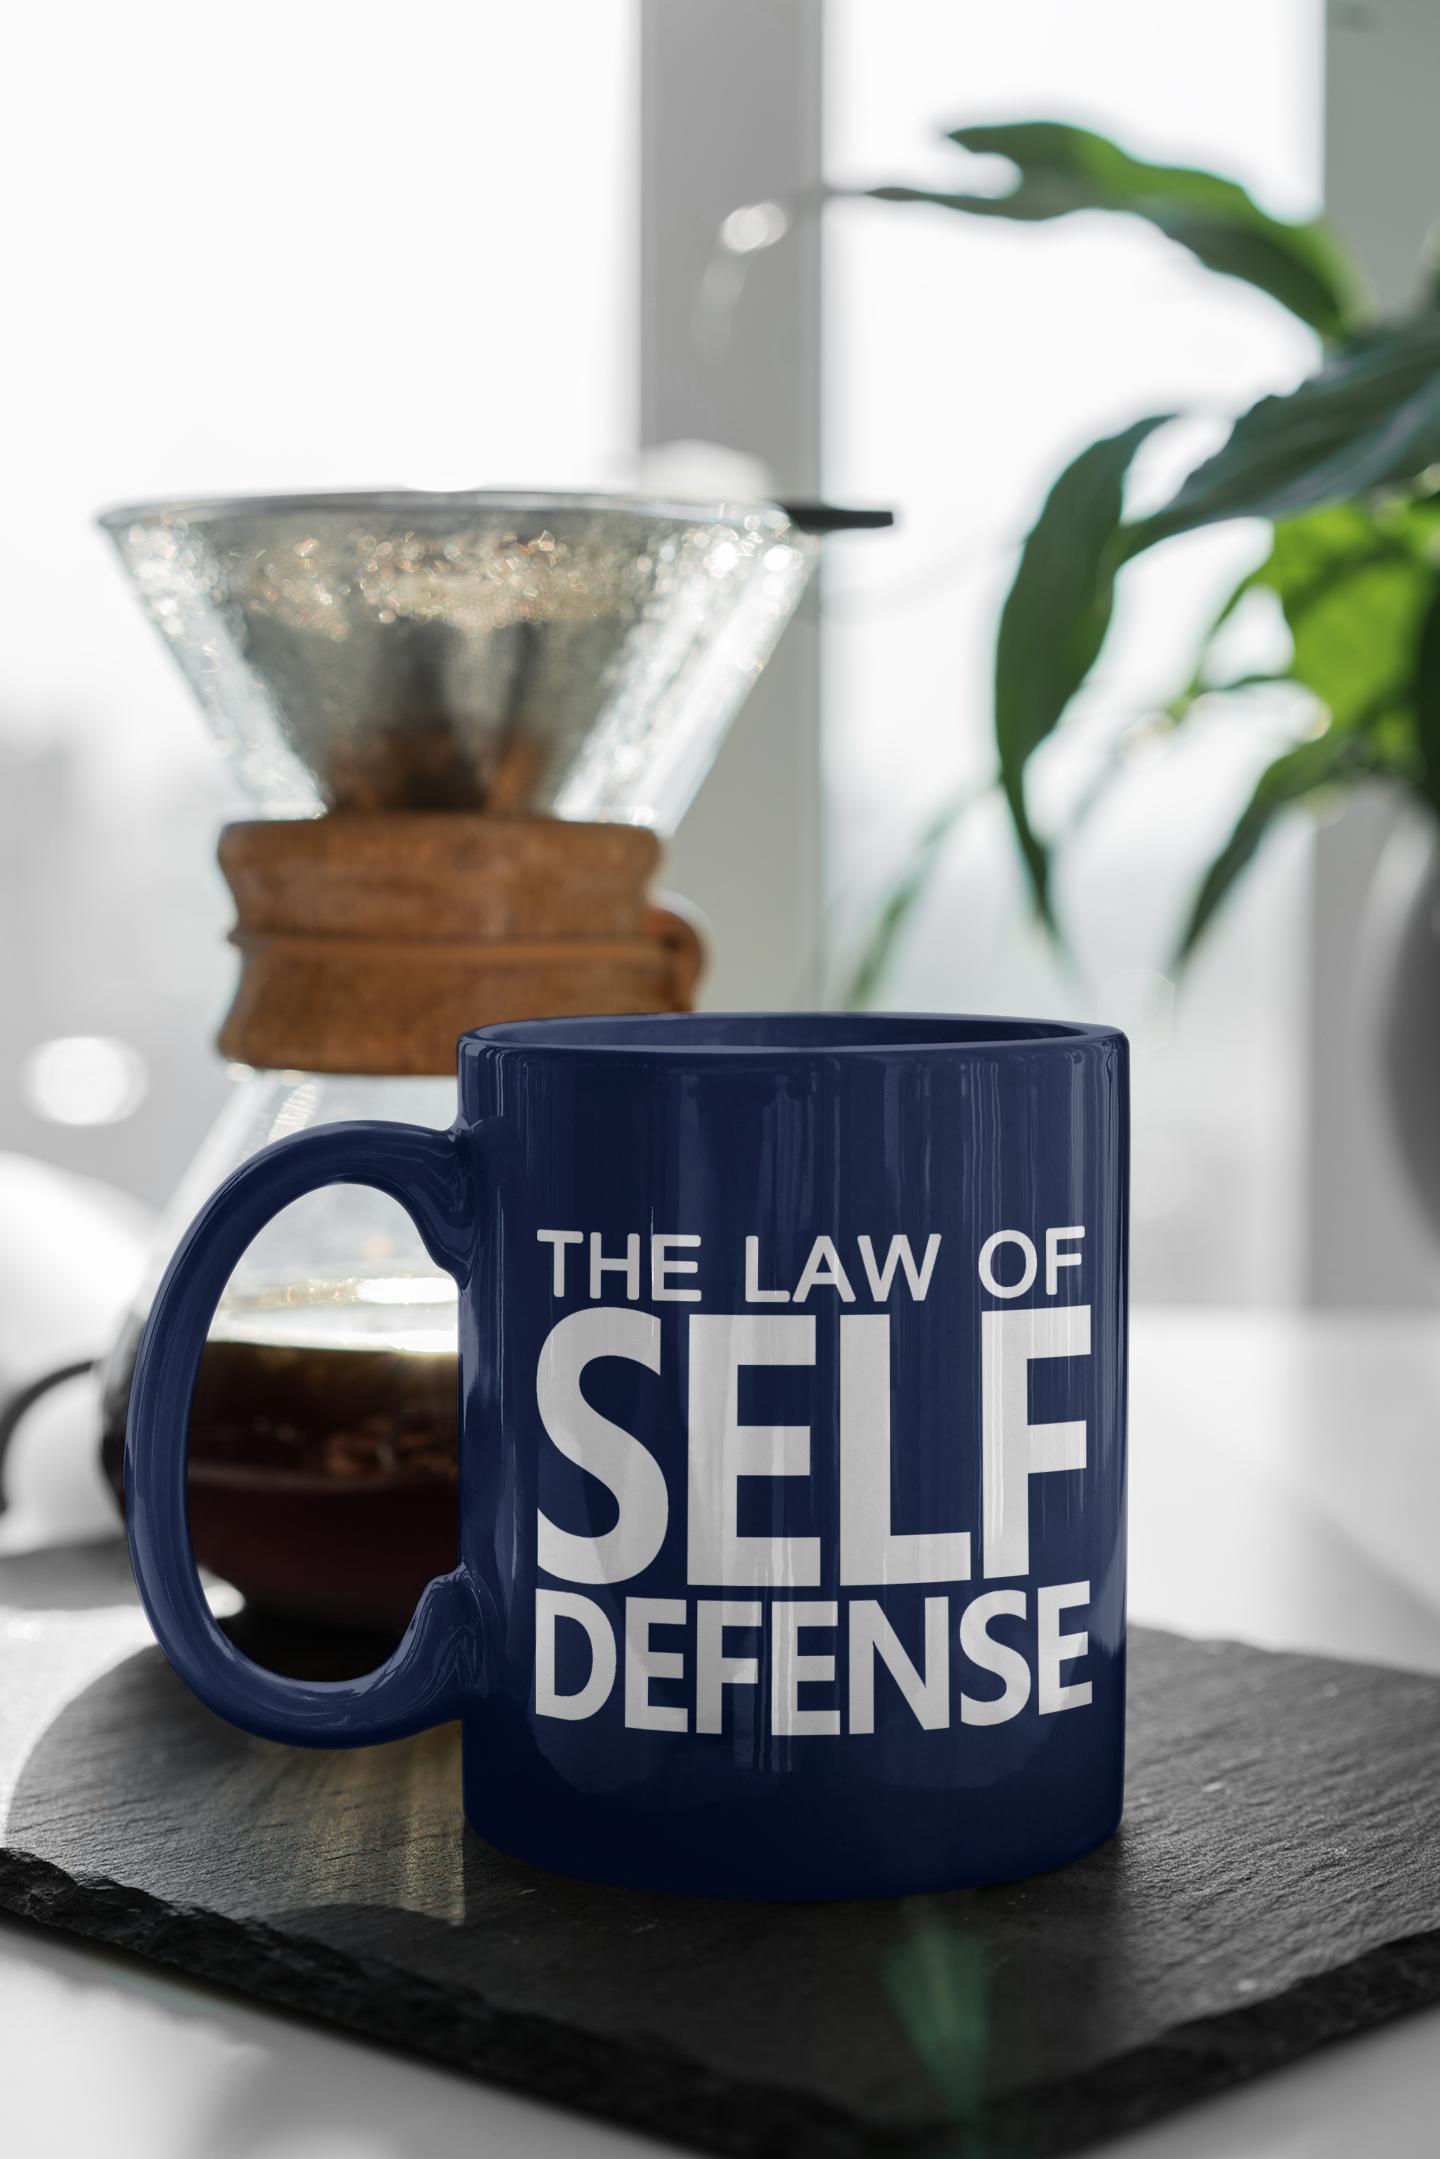 11-oz-mug-mockup-featuring-a-coffee-brewer-406-el